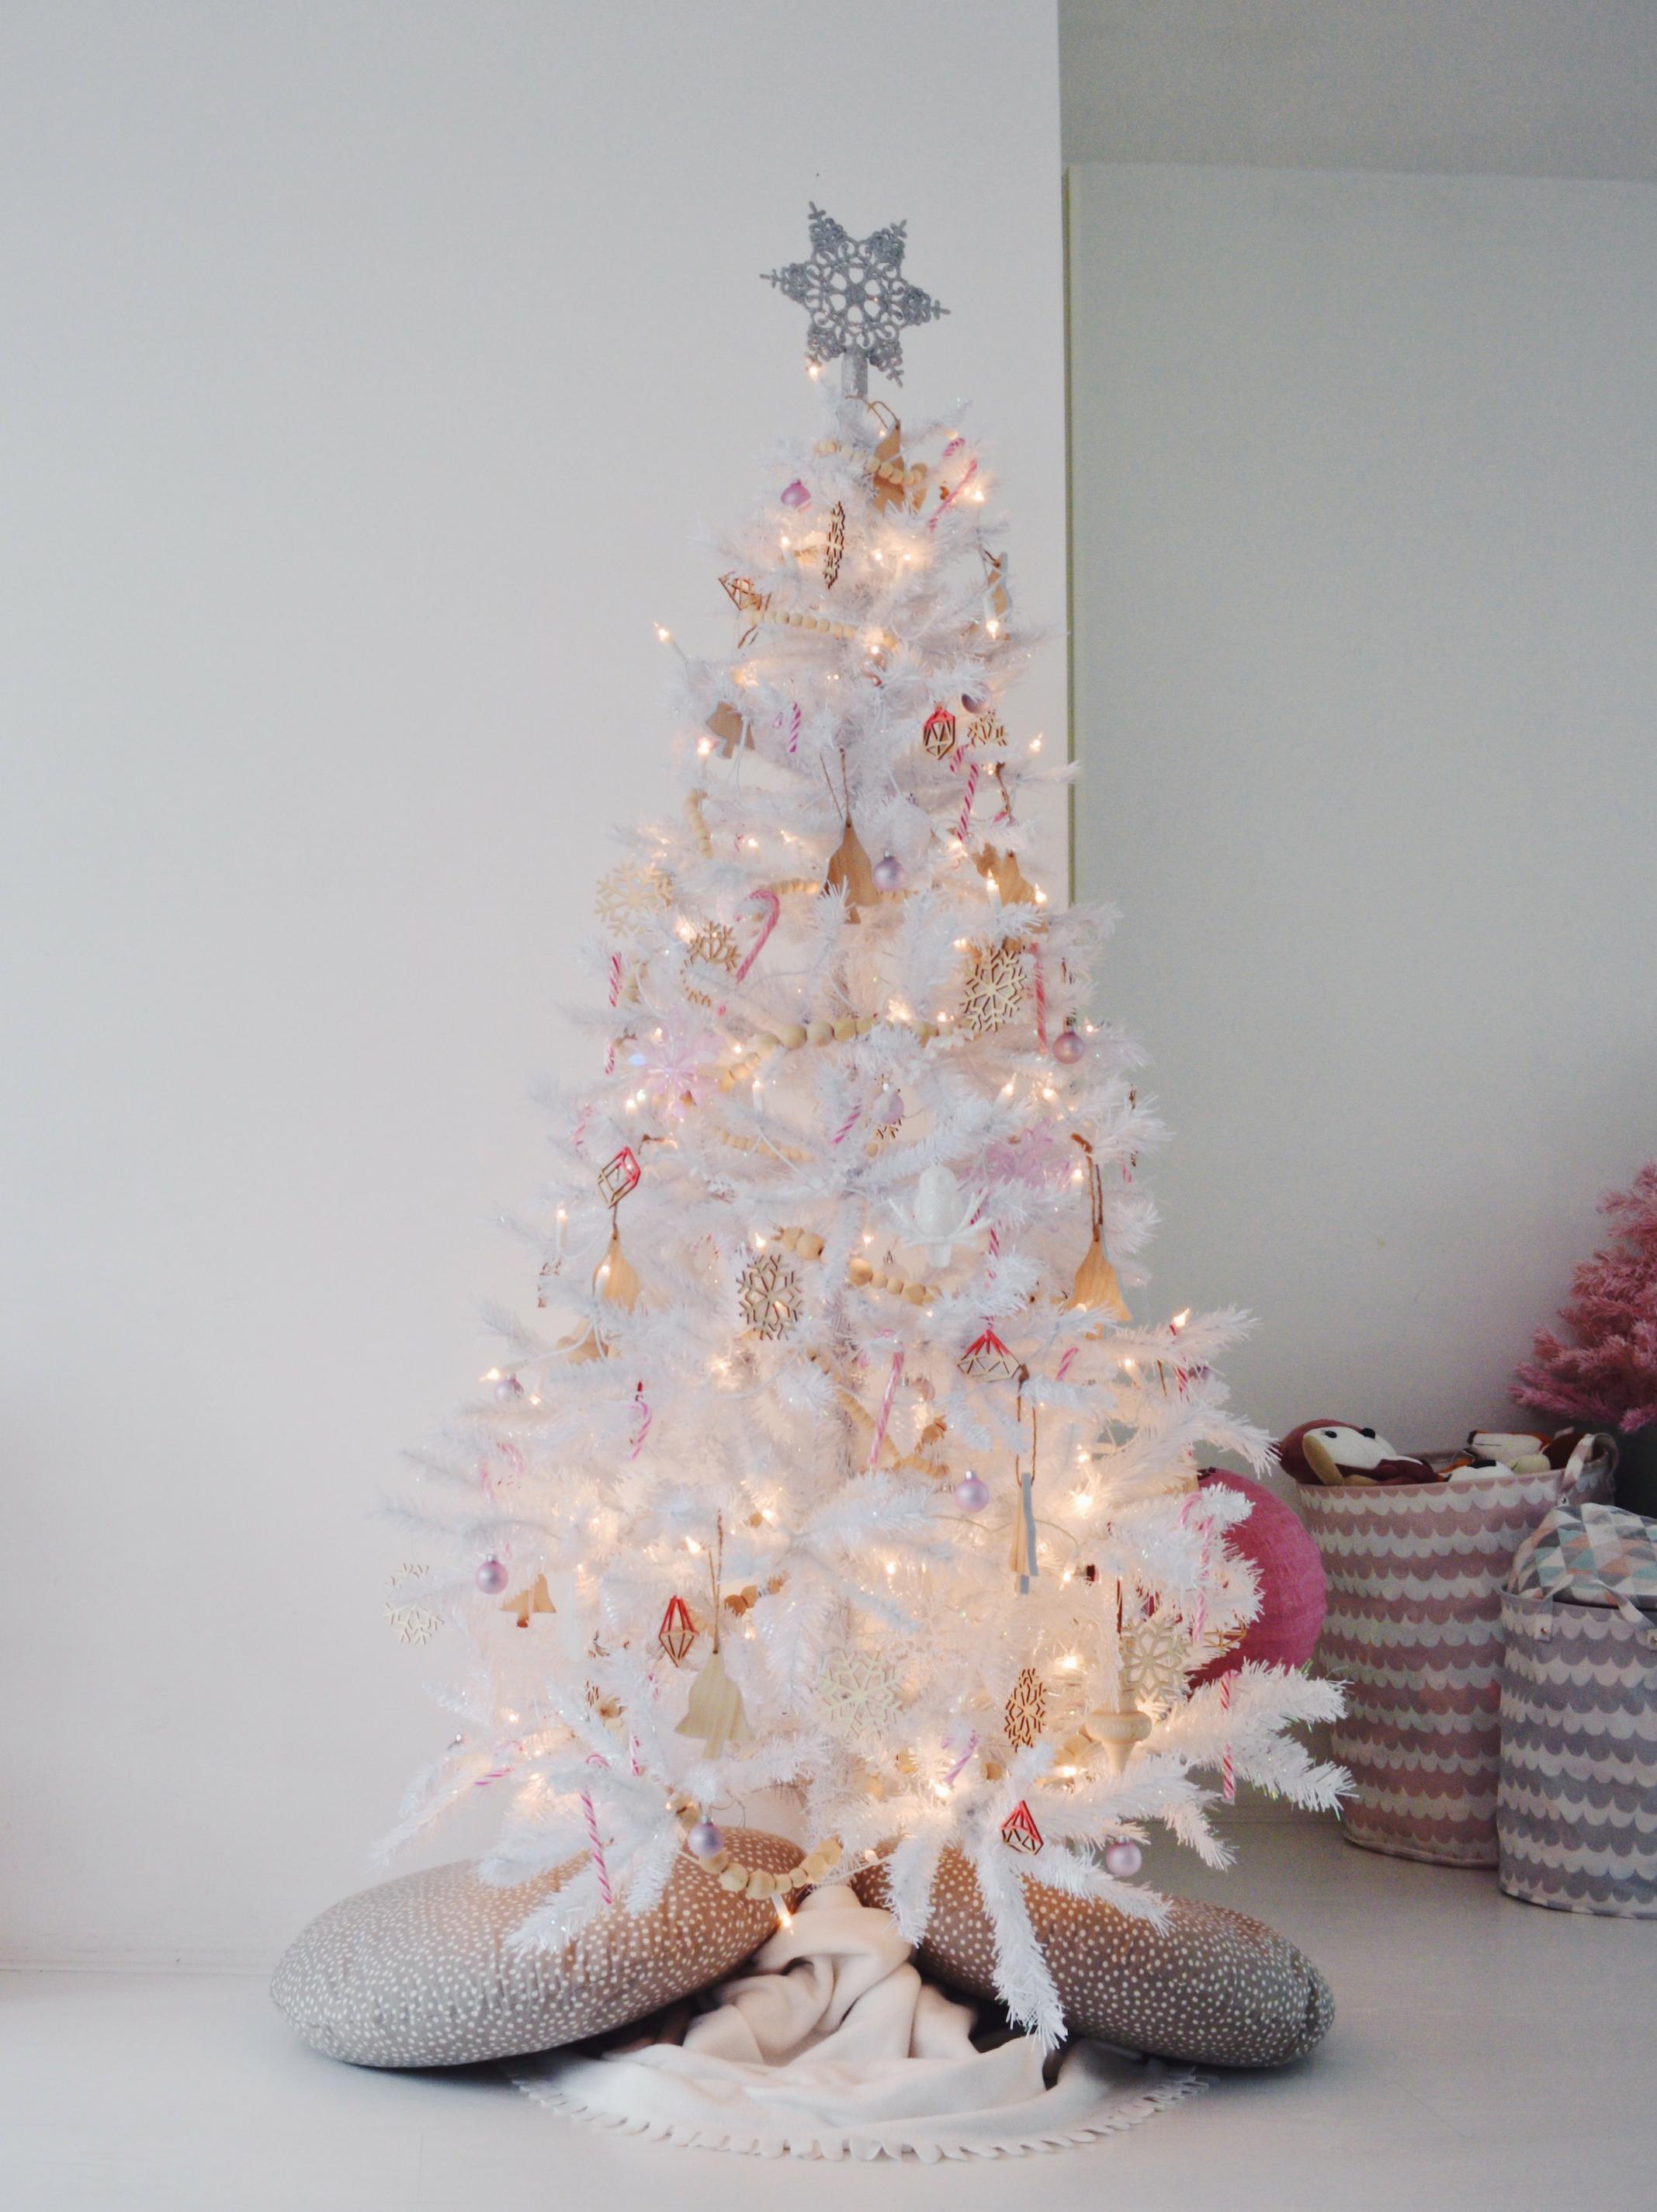 kersthuis 2018 witte kerstboom